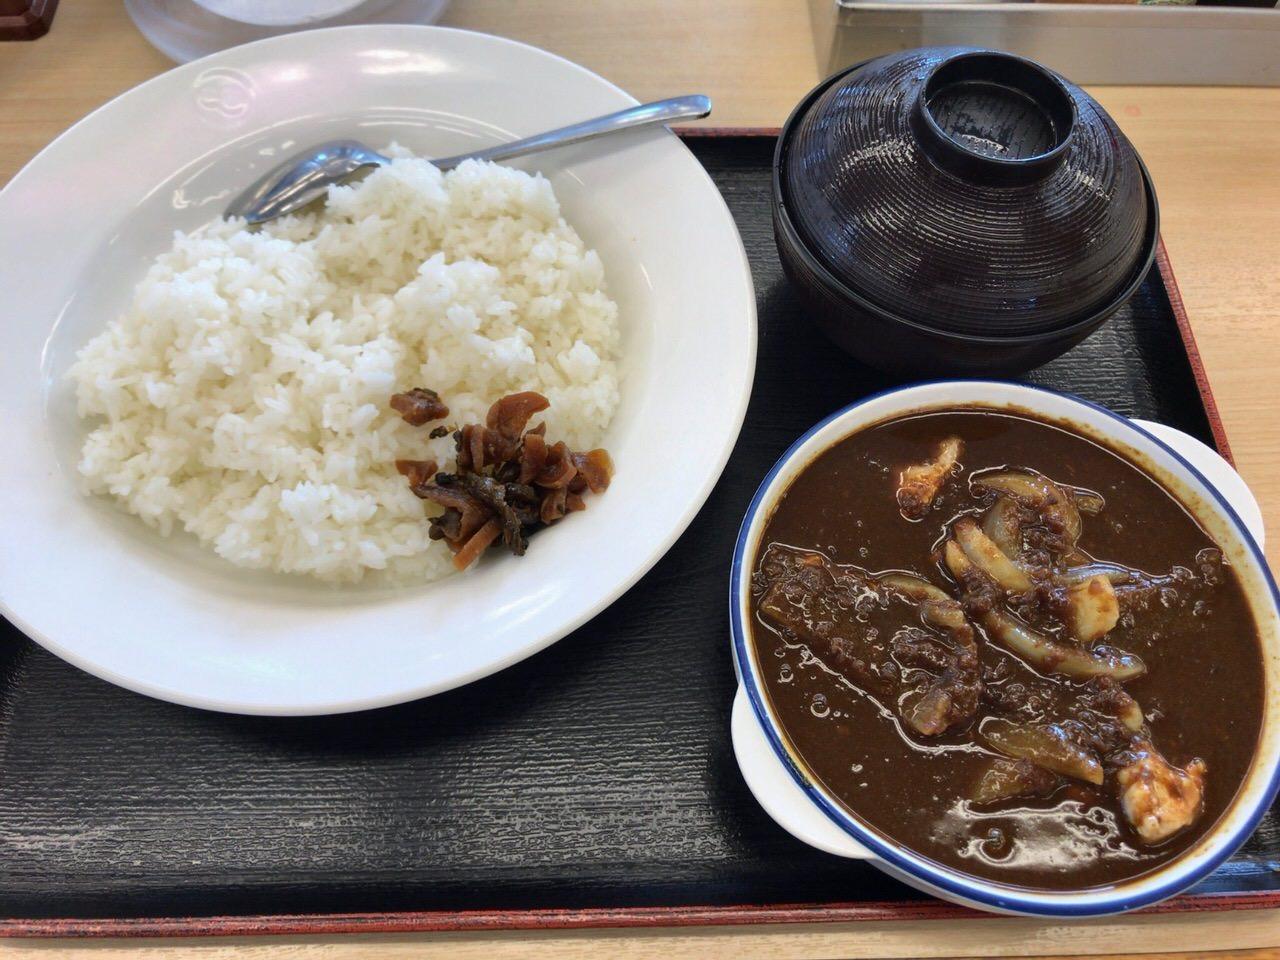 【美味】松屋の「ごろごろ煮込みチキンカレー」はザクザク玉ねぎカレーでもあるのだ!